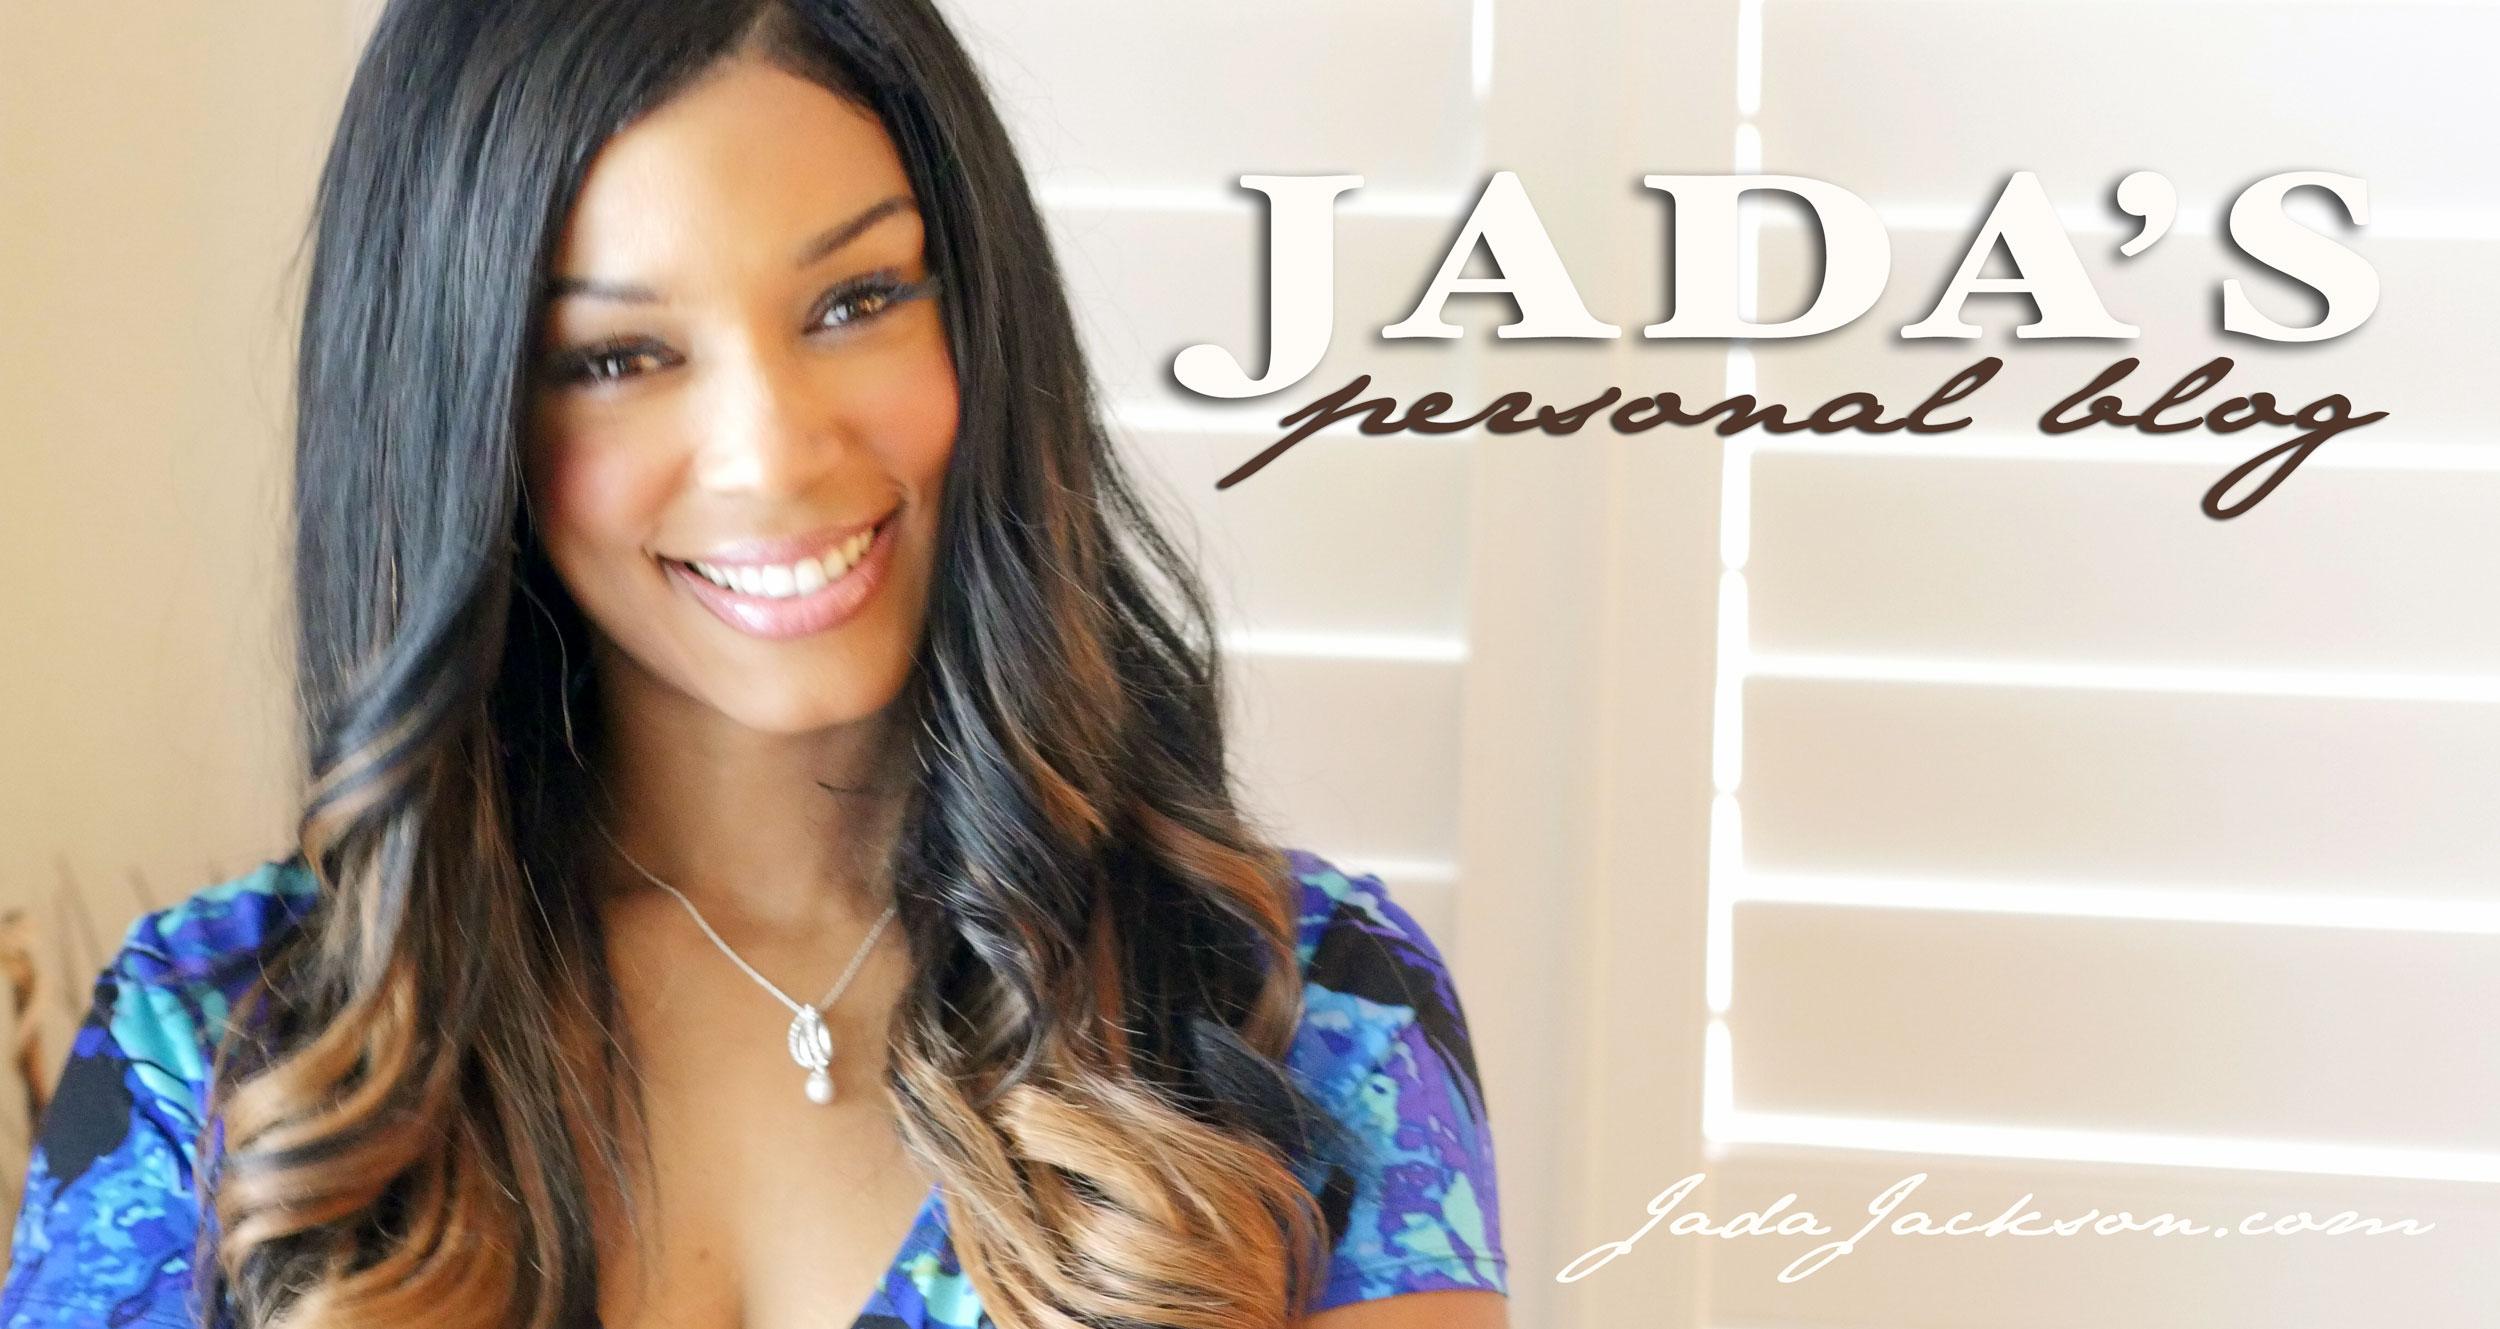 JadasPersonalBlog-Banner1-P1000746-2K.jpg